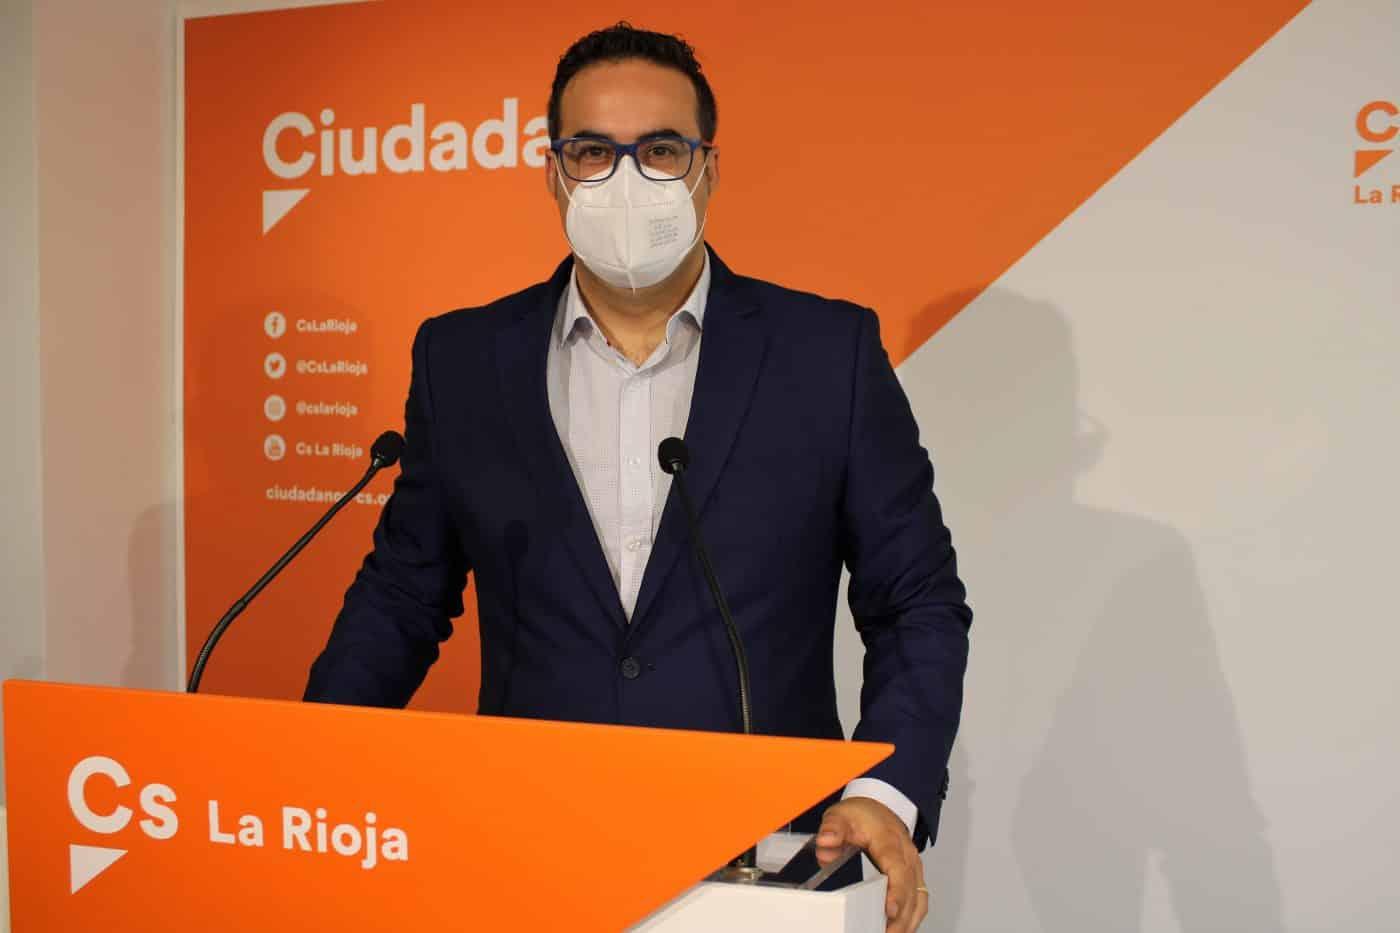 Alberto Reyes